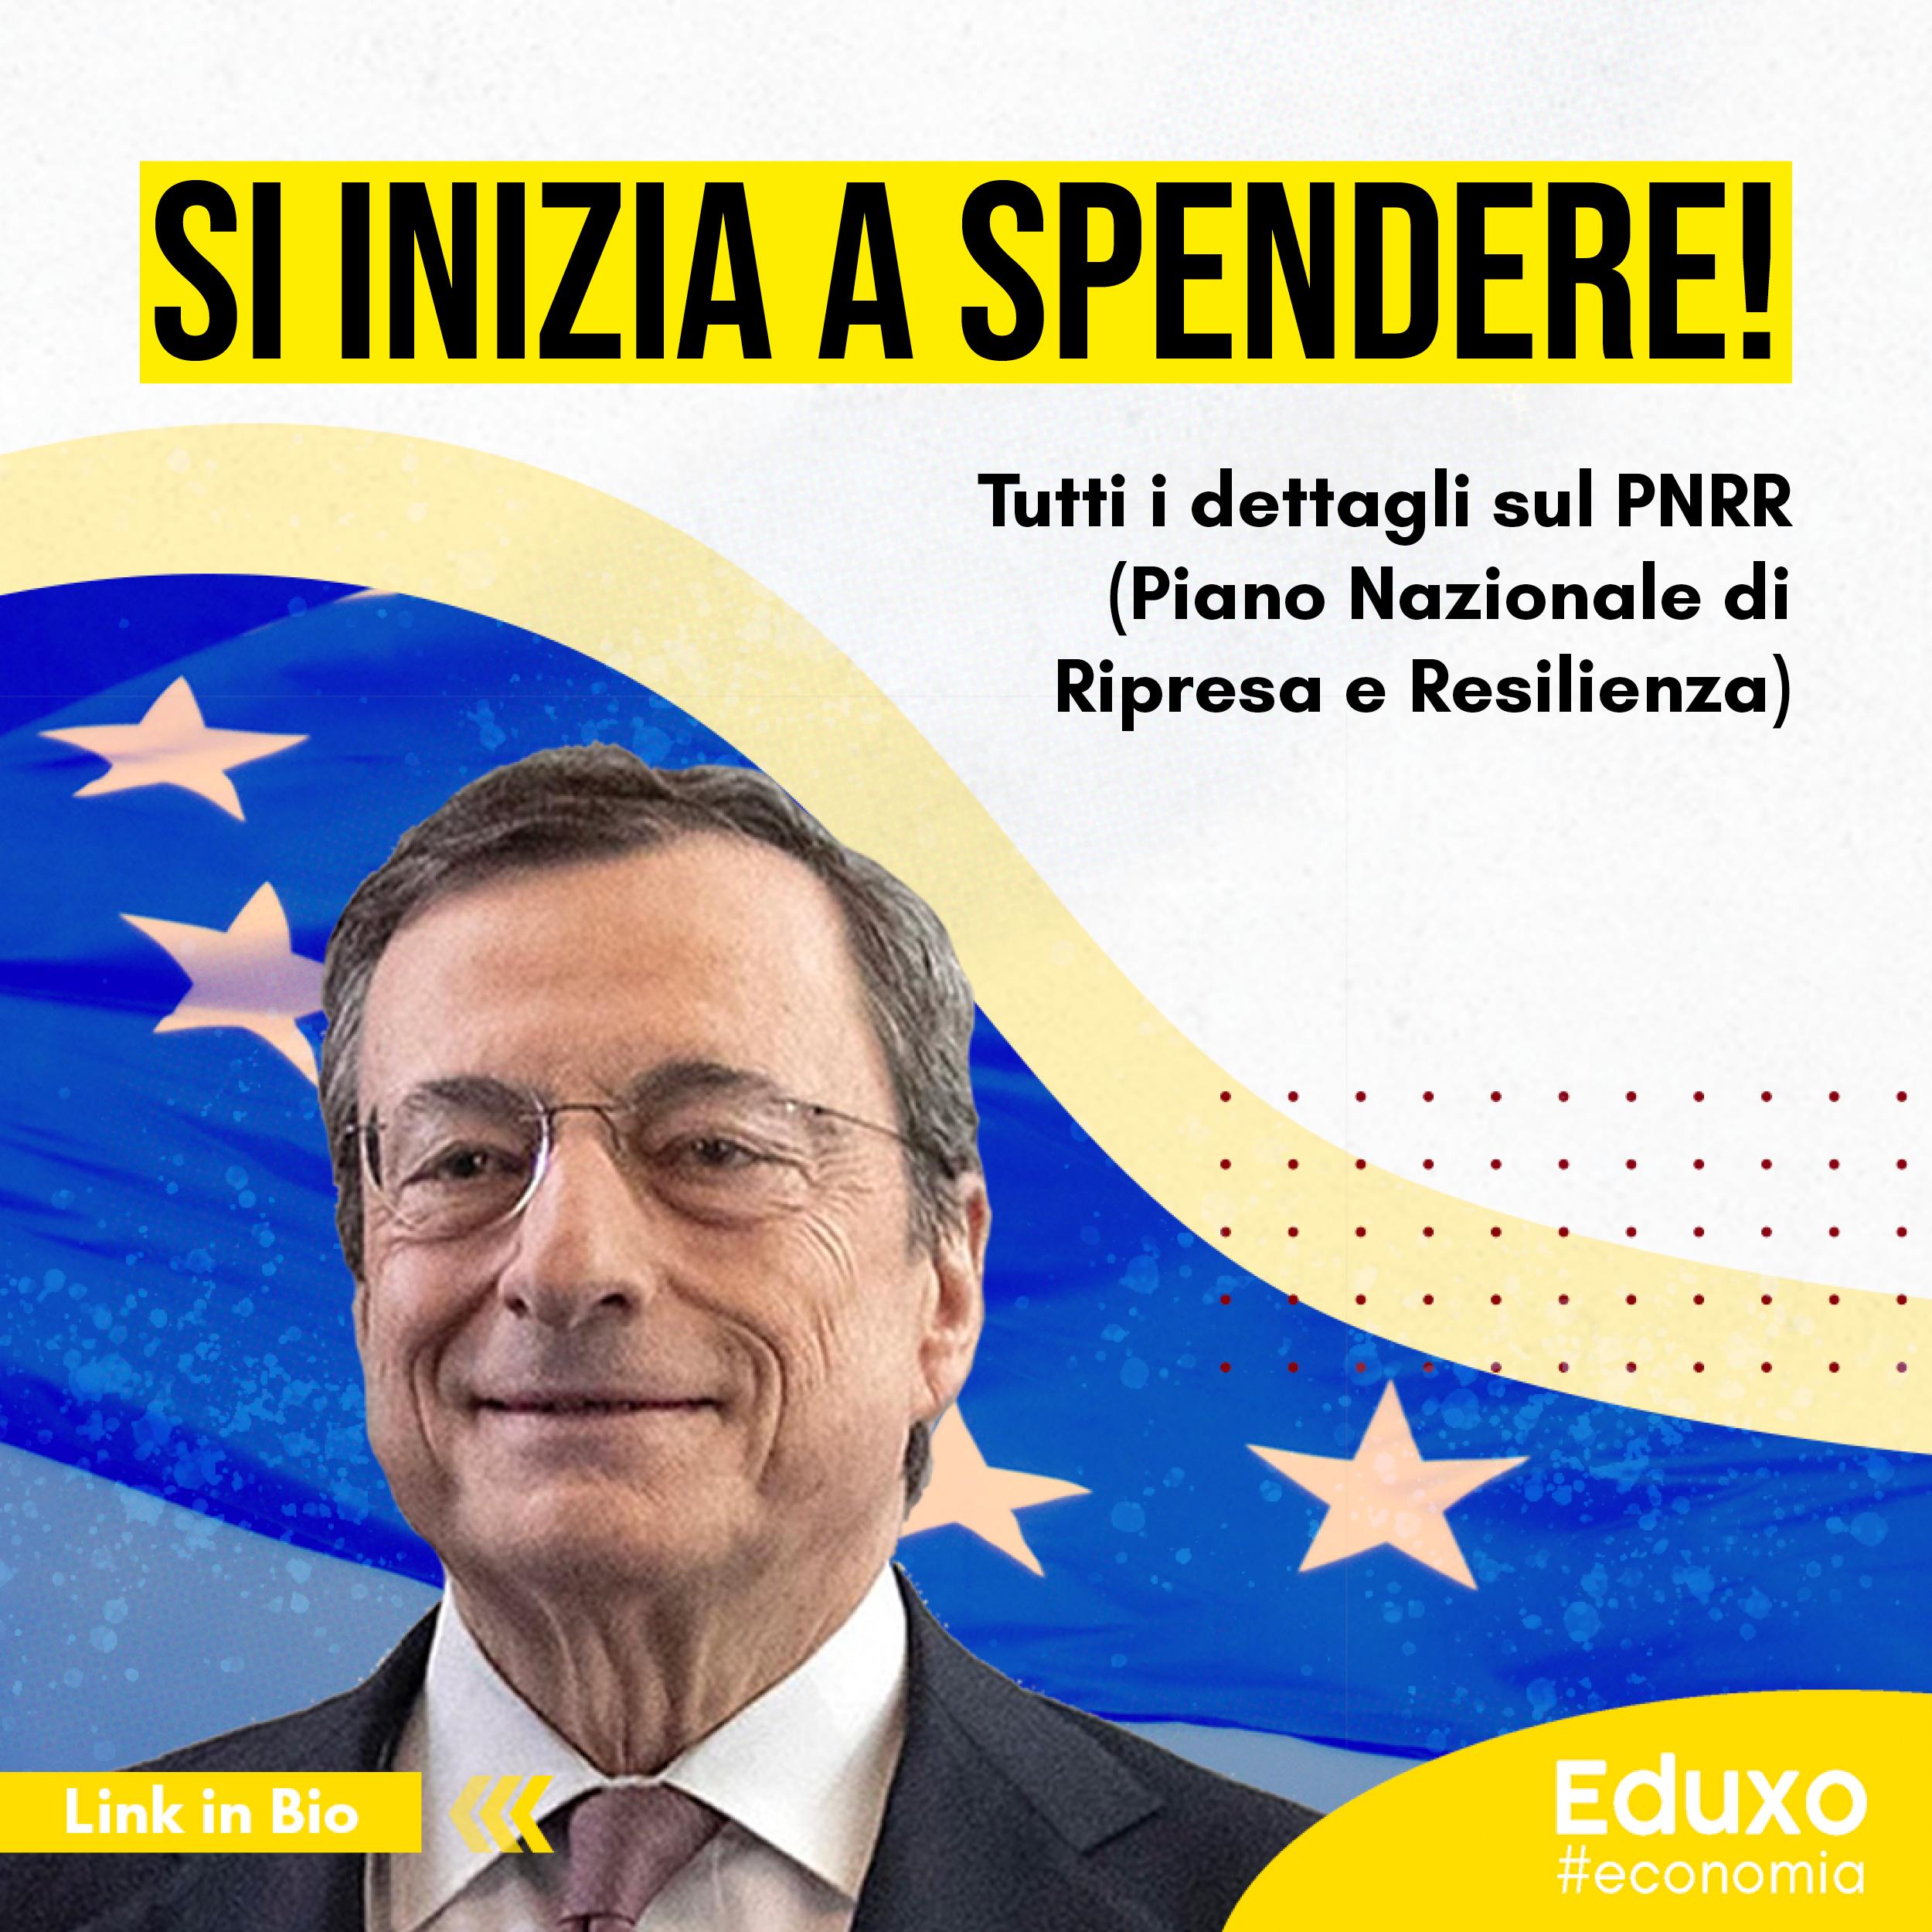 PNRR: Si inizia a spendere!